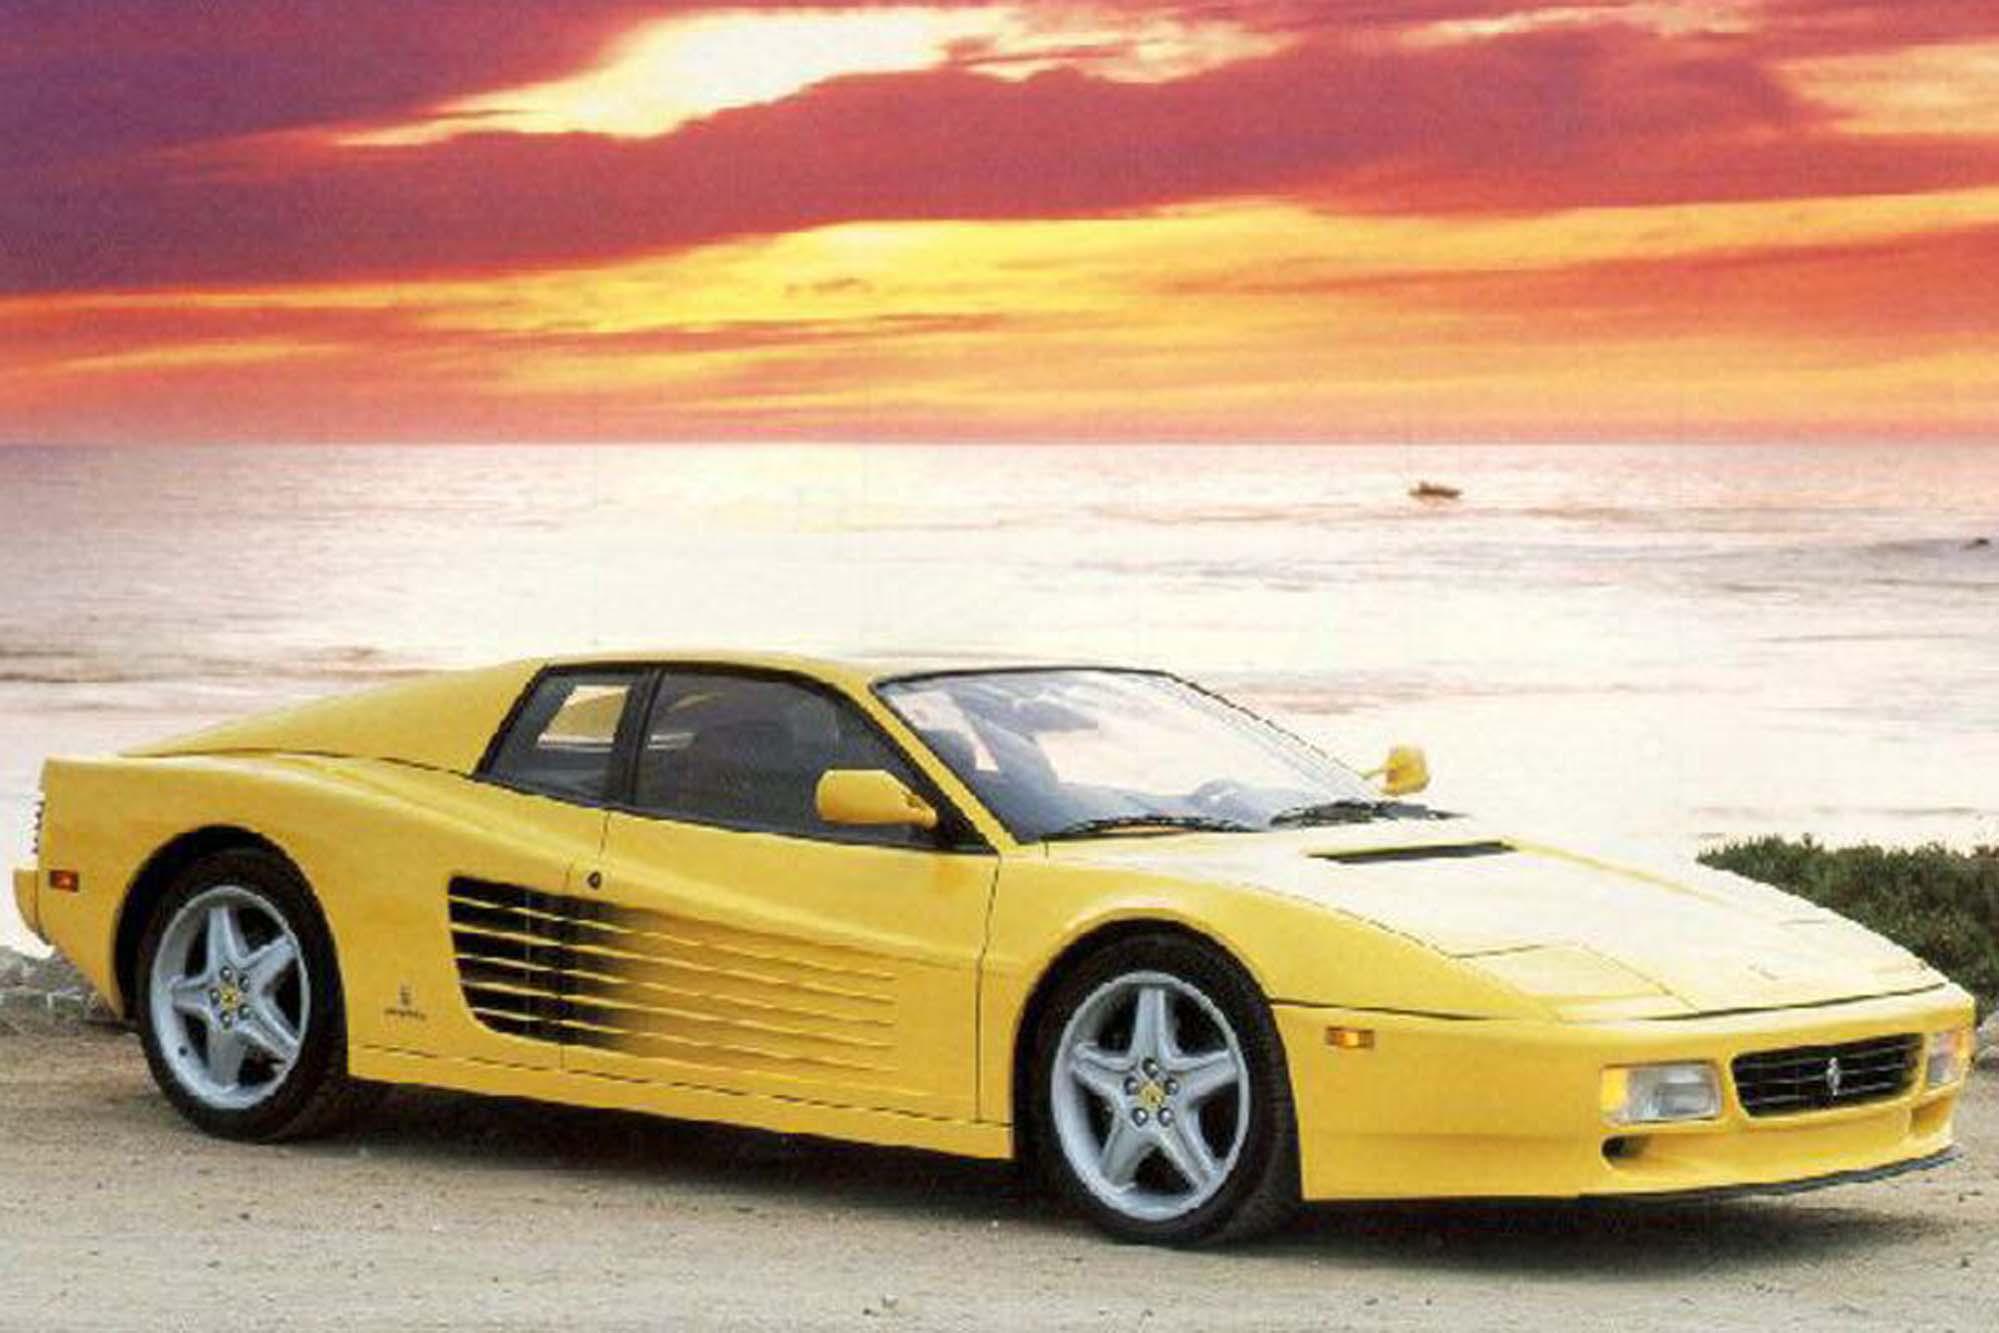 3dtuning of ferrari 512 tr coupe 1991 3dtuning unique on ferrari 512 tr coupe 1991 vanachro Images